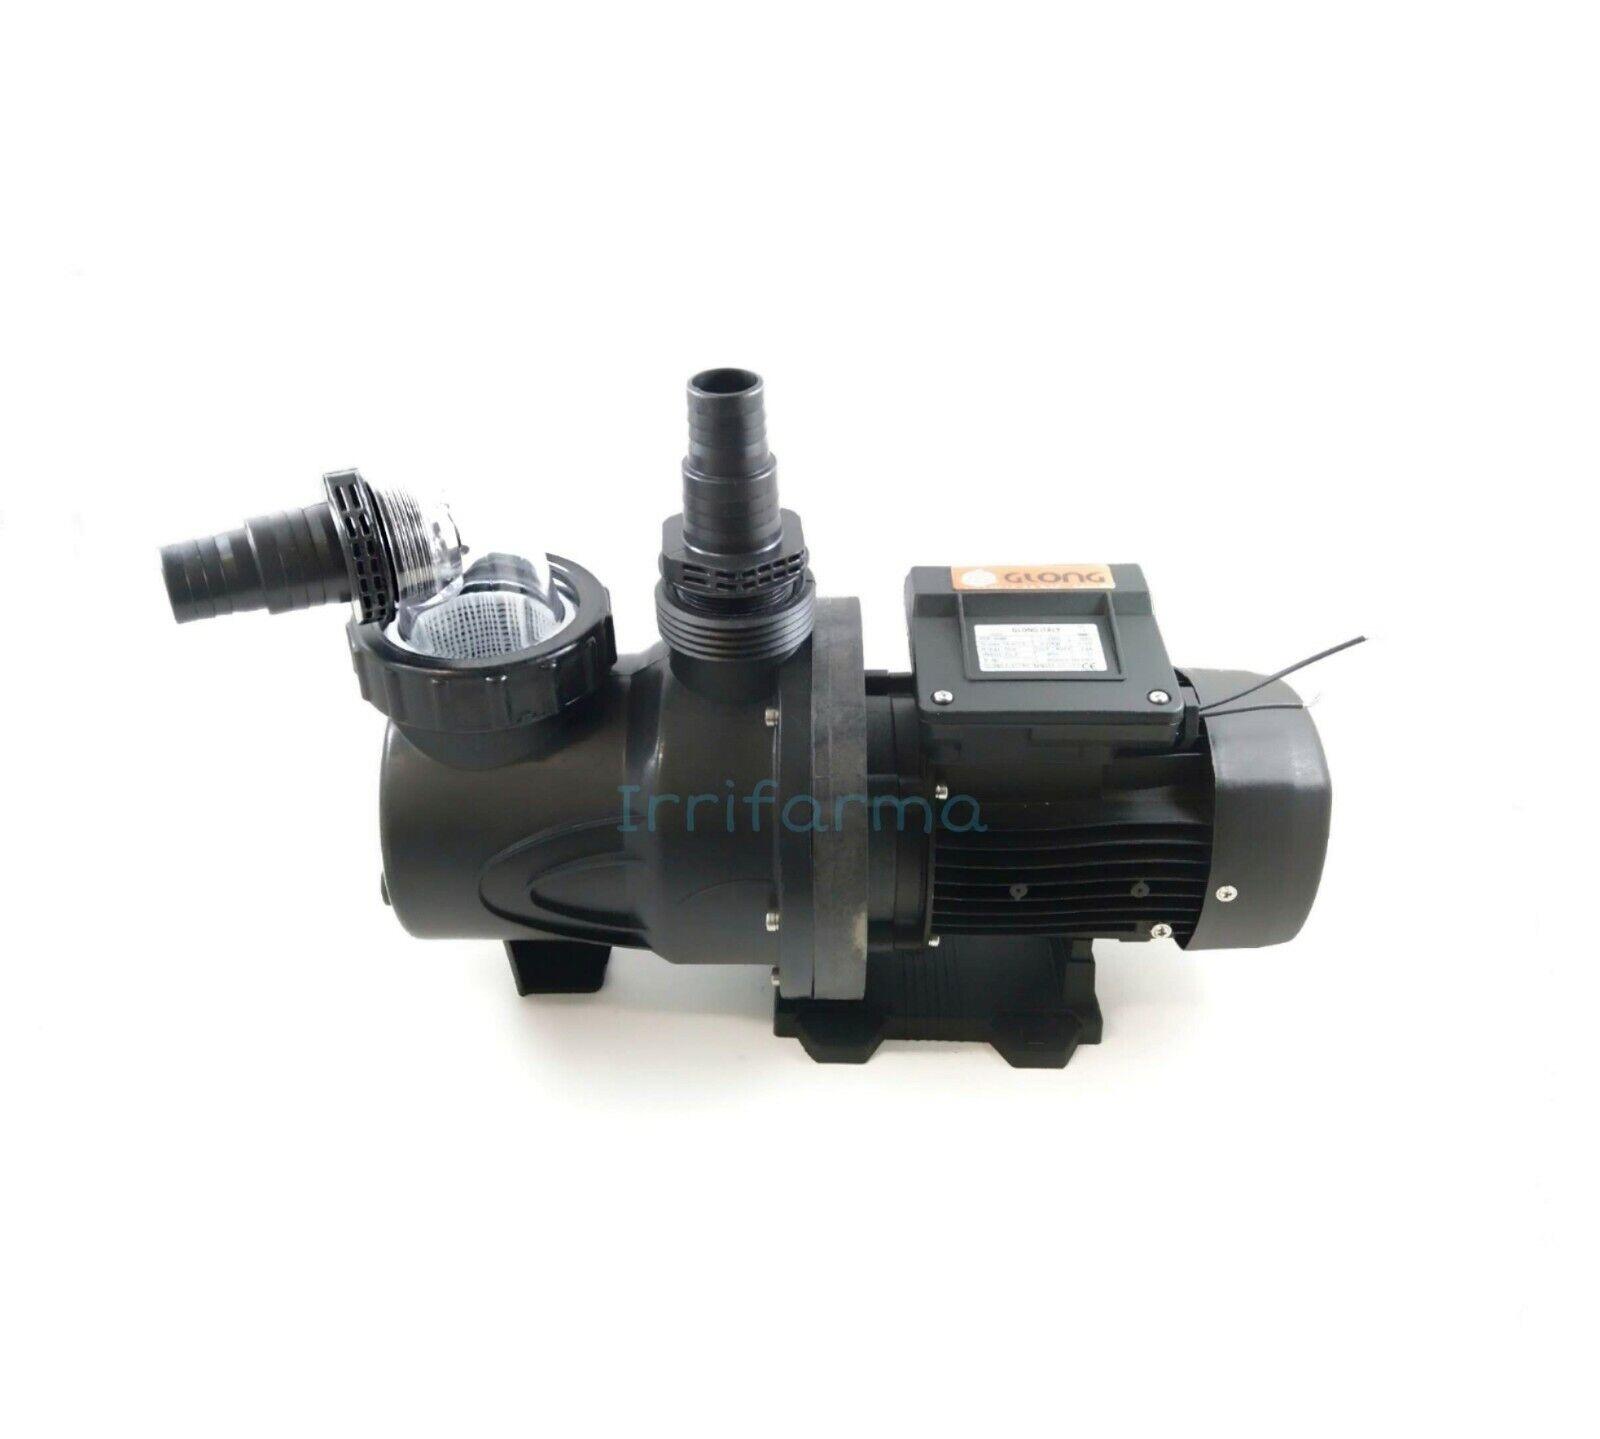 Elettropompa per piscina pompa autoadescante filtro sabbia FCP 350S 0.5 Hp 220V